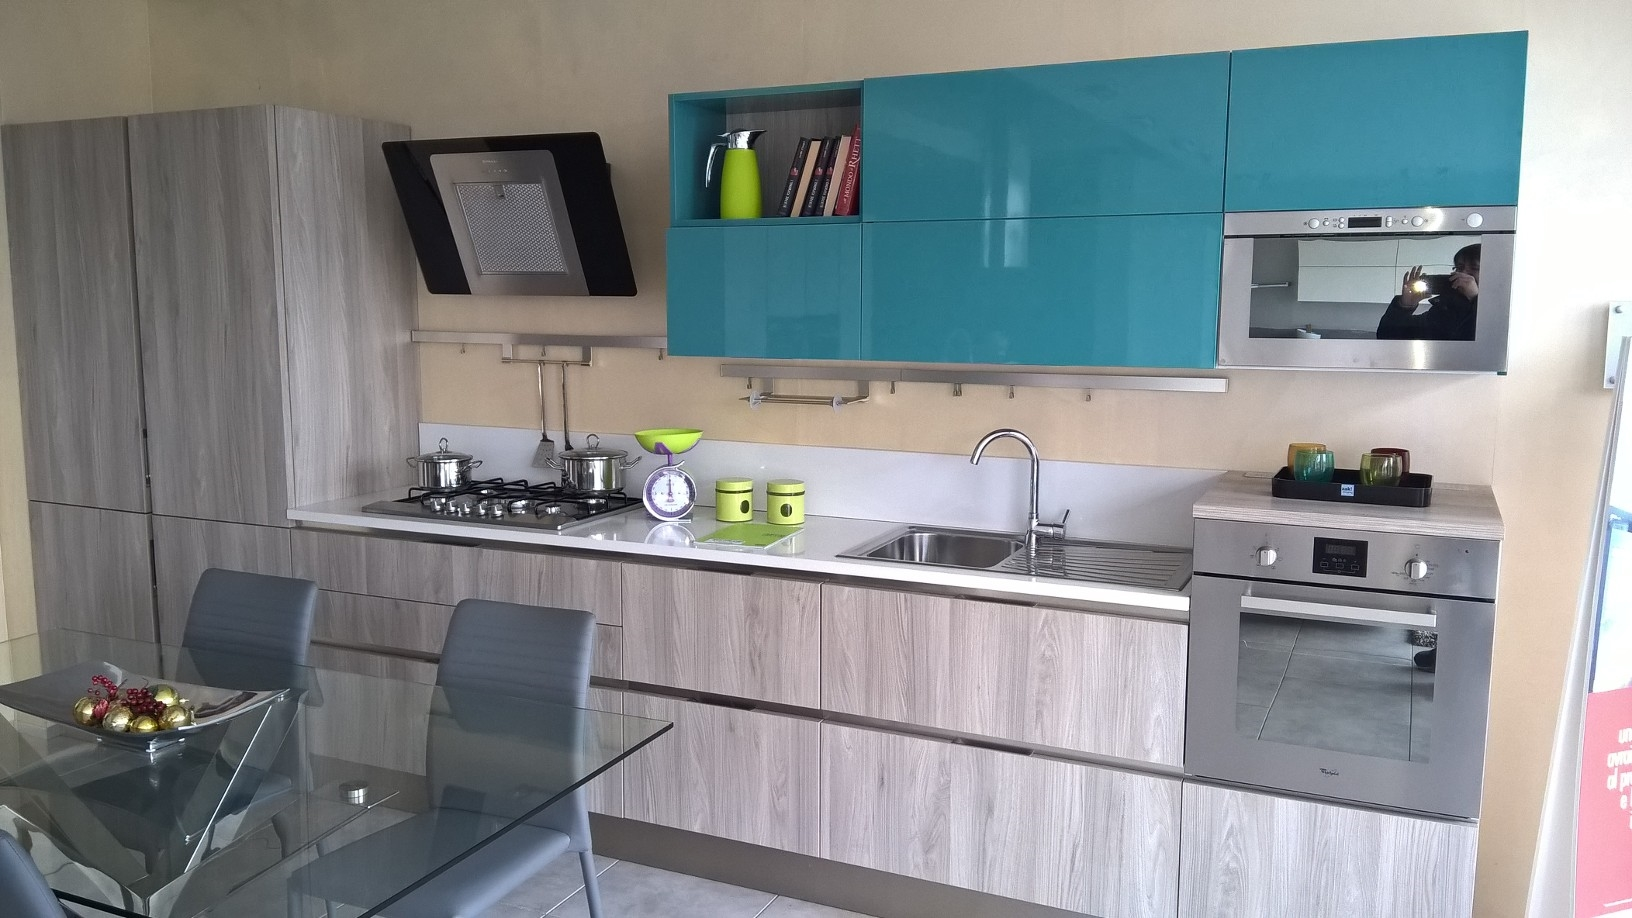 Veneta Cucine Cucina Start Time.go 28 Scontato Del  51 % Cucine A  #387788 1632 918 Cucine Veneta O Lube